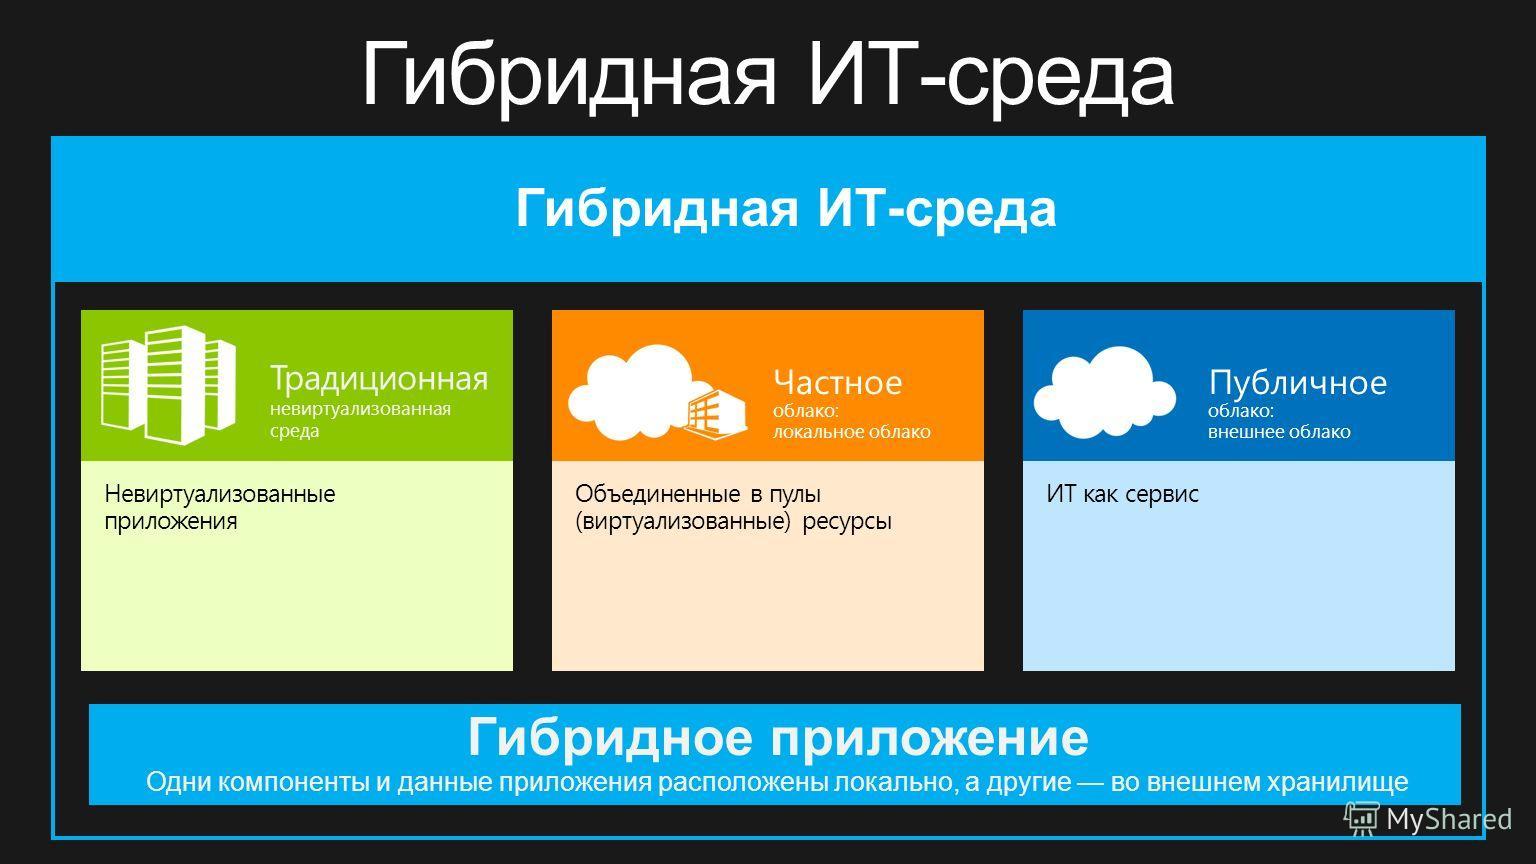 Гибридная ИТ-среда Частное облако: локальное облако Традиционная невиртуализованная среда Публичное облако: внешнее облако Невиртуализованные приложения Объединенные в пулы (виртуализованные) ресурсы ИТ как сервис Гибридное приложение Одни компоненты